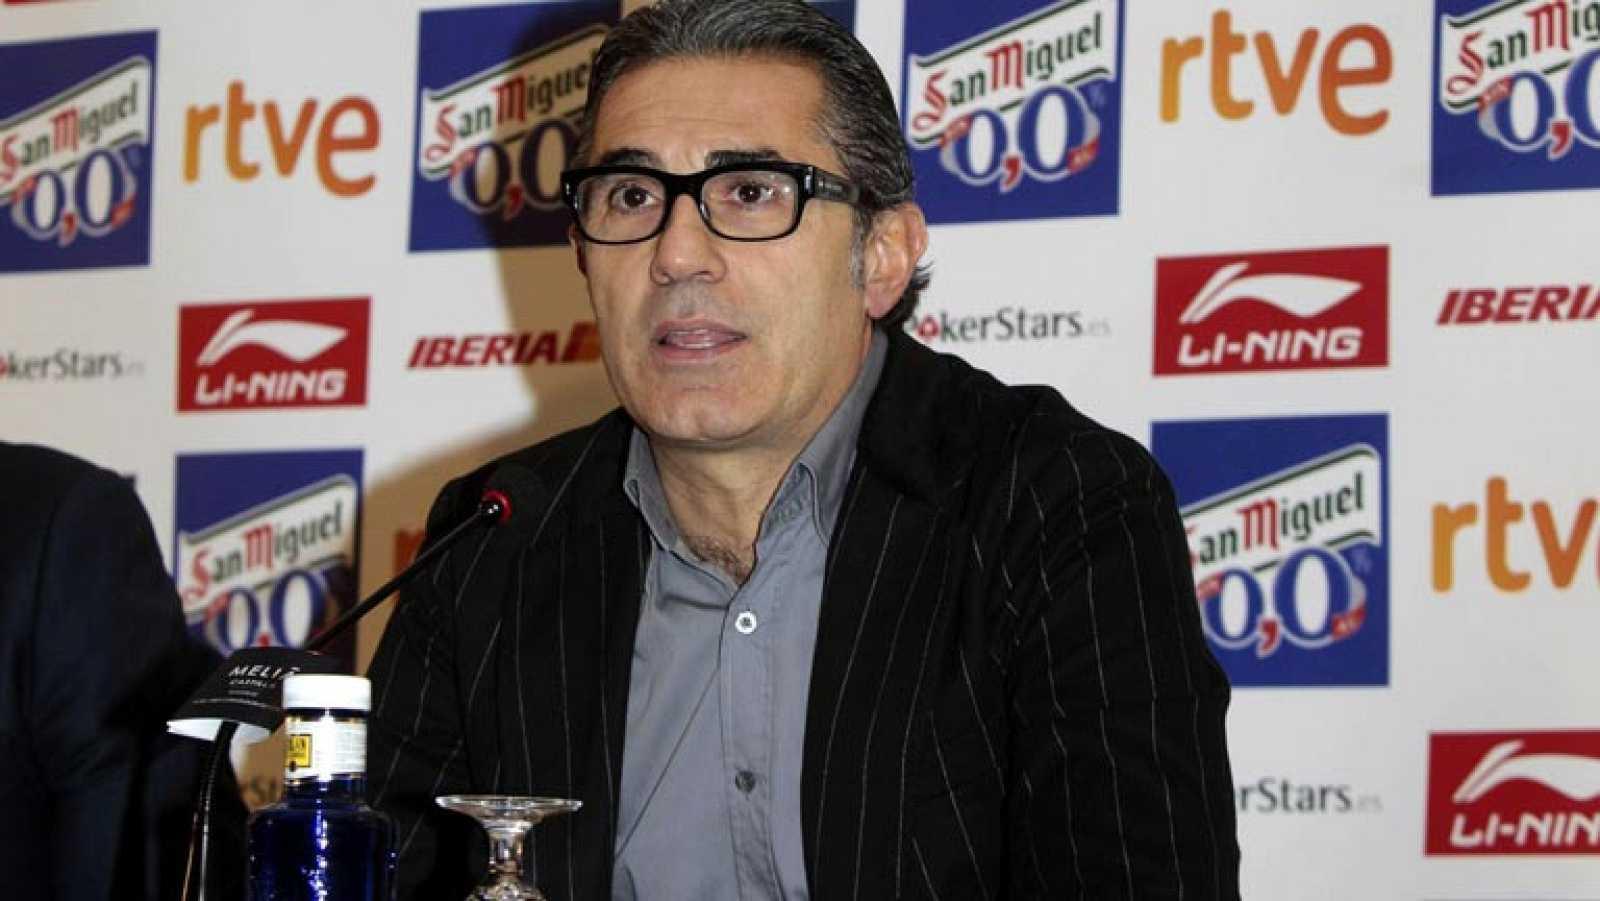 Orenga sustituye a Scariolo en la selección española de baloncesto